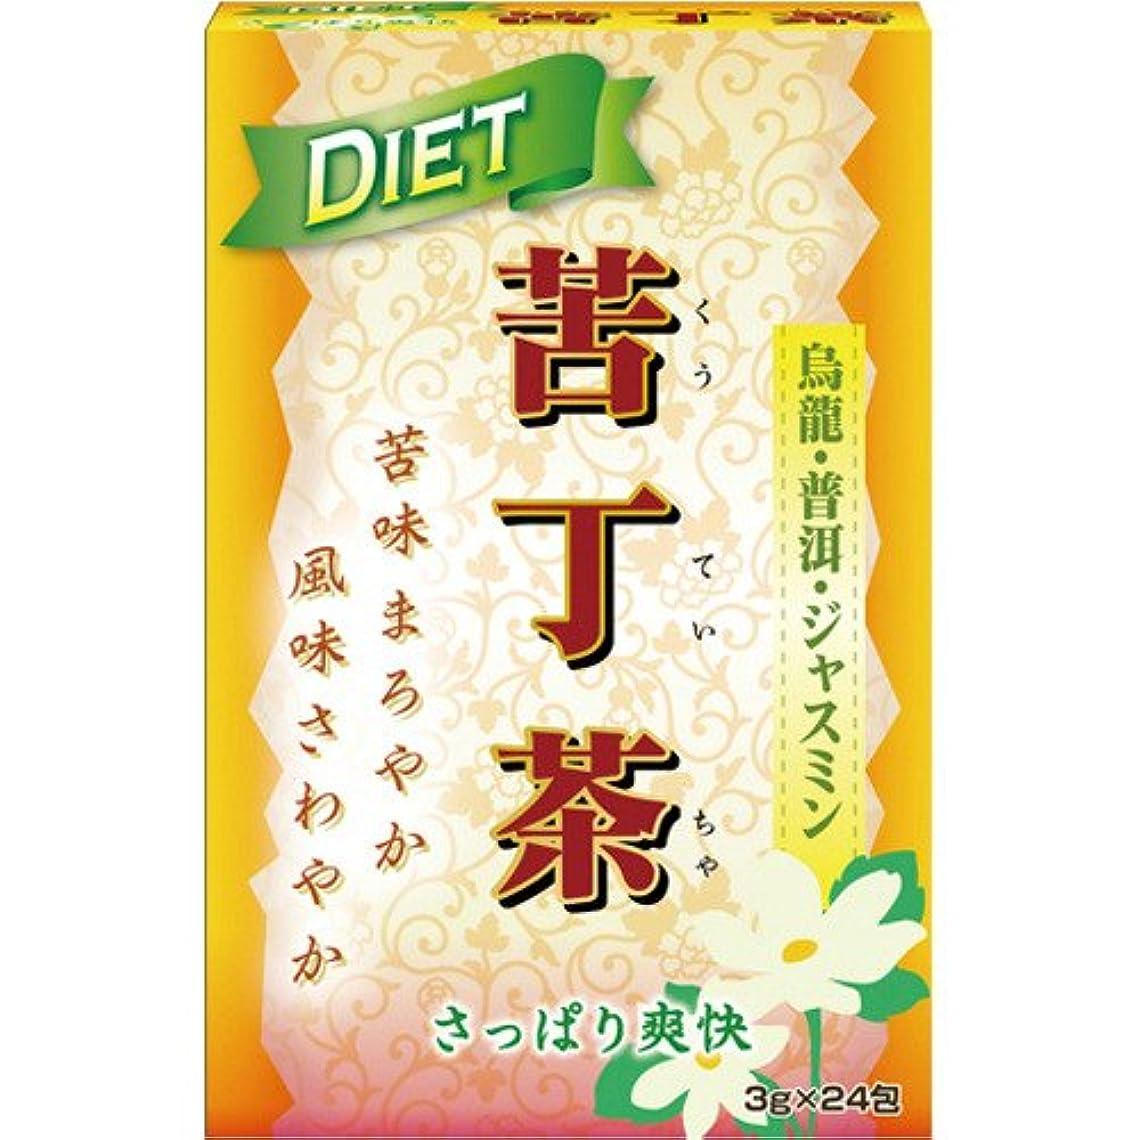 痴漢ポーズかわすダイエット苦丁茶 3g×24包